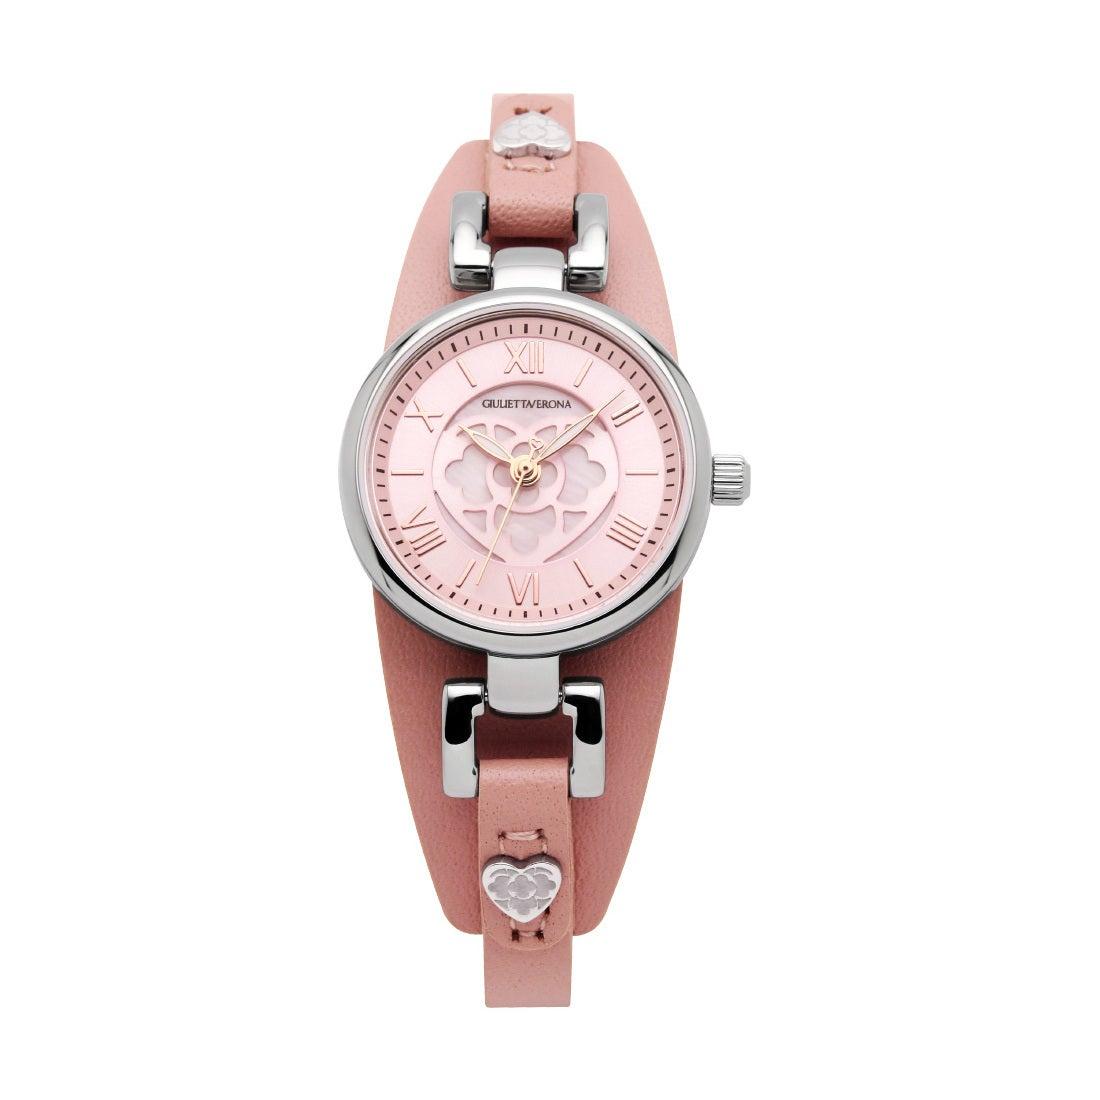 【SAC'S BAR】ジュリエッタヴェローナ GIULIETTAVERONA 腕時計 GV005 PRIMA DONNA シルバー×ピンク